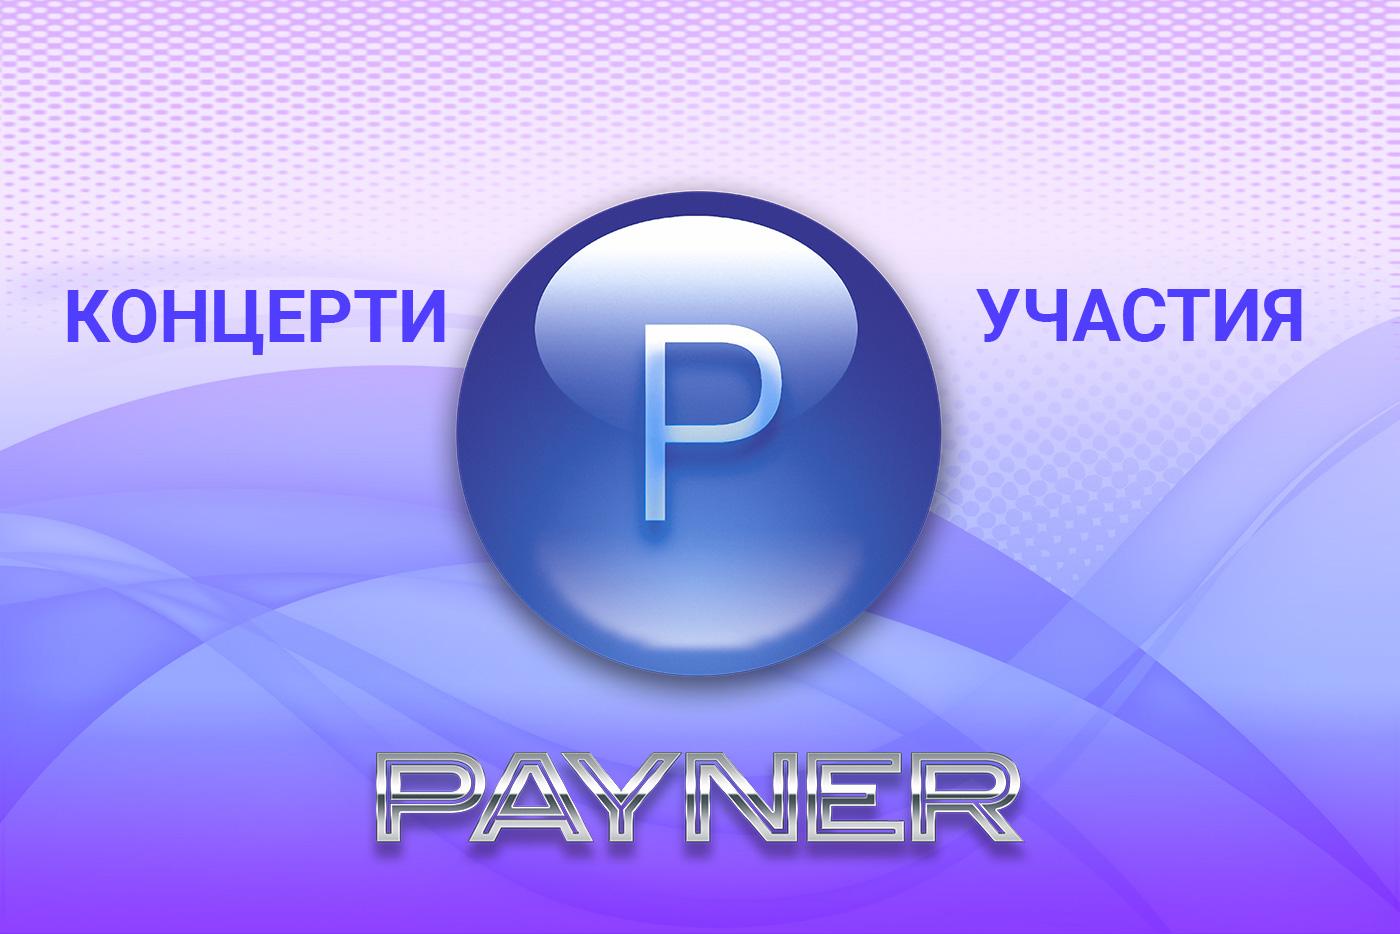 """Участия на звездите на """"Пайнер"""" на 23.01.2019"""